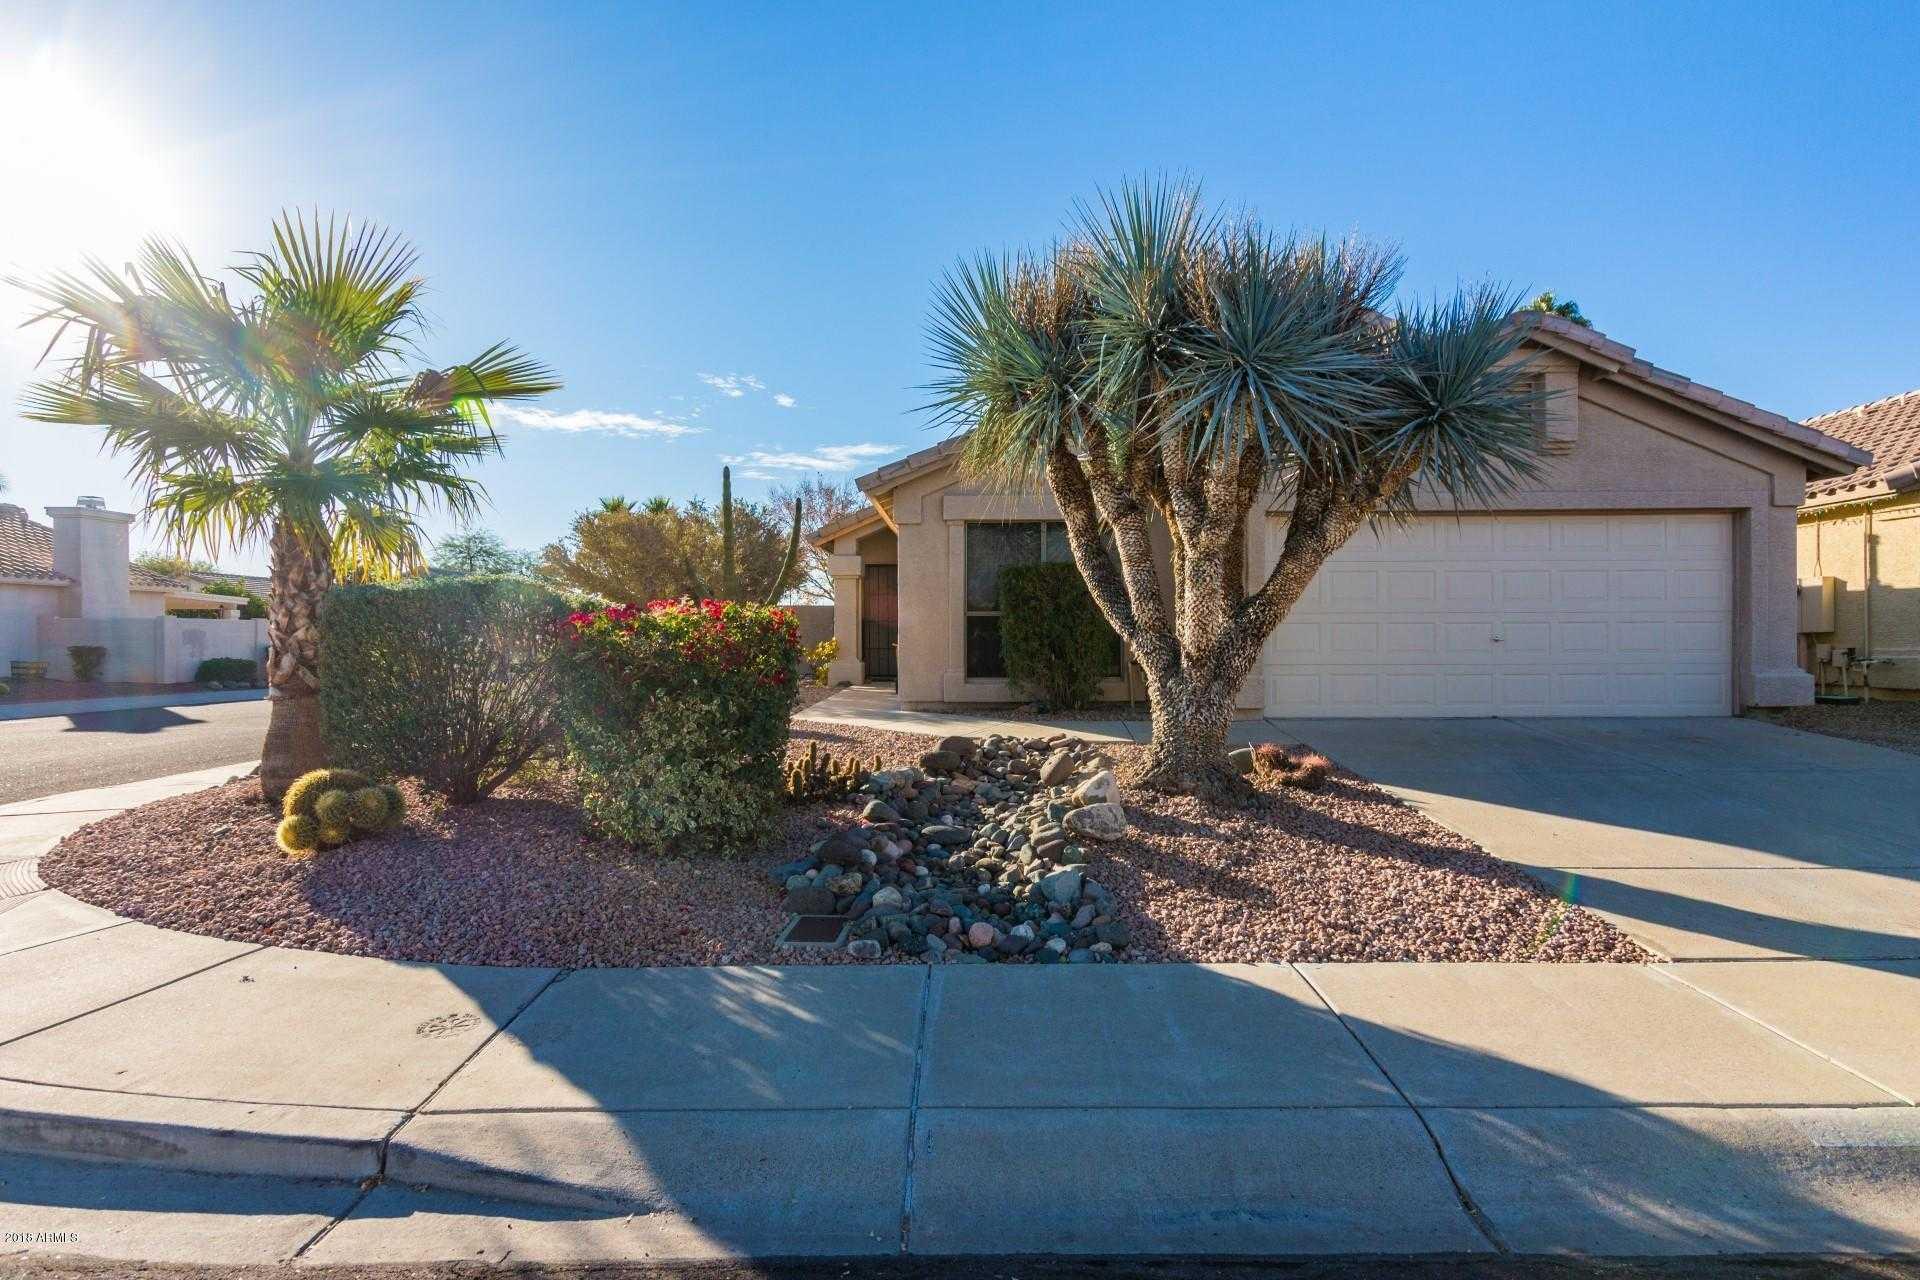 $249,900   3Br/2Ba   Home For Sale In Arroyo Crossing, Phoenix MLS Logo